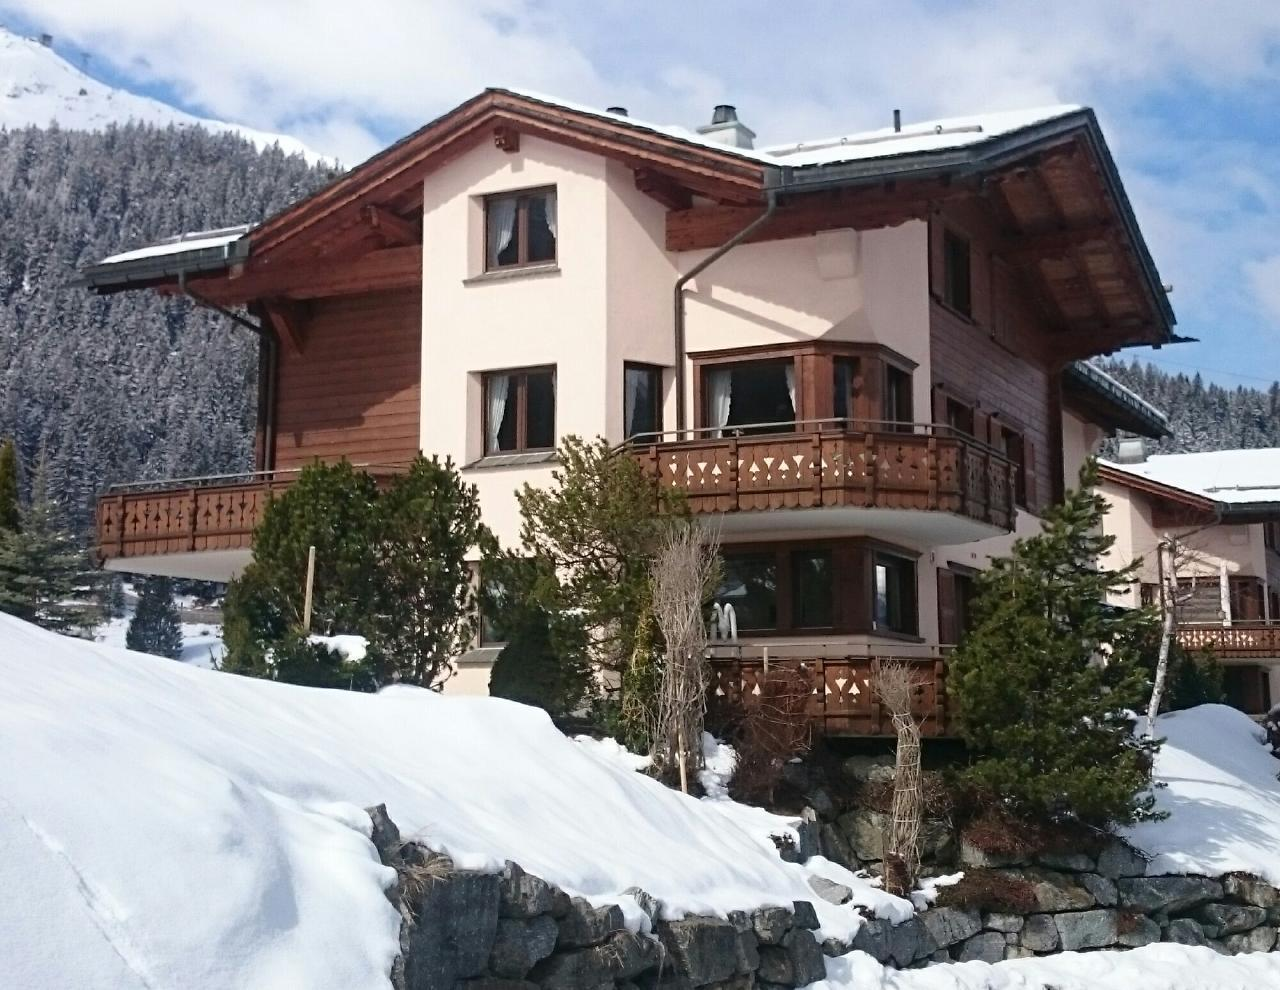 Appartement de vacances Luxuriöses Penthouse in Chalet /Top Lage (470460), Klosters, Davos - Klosters - Prättigau, Grisons, Suisse, image 1